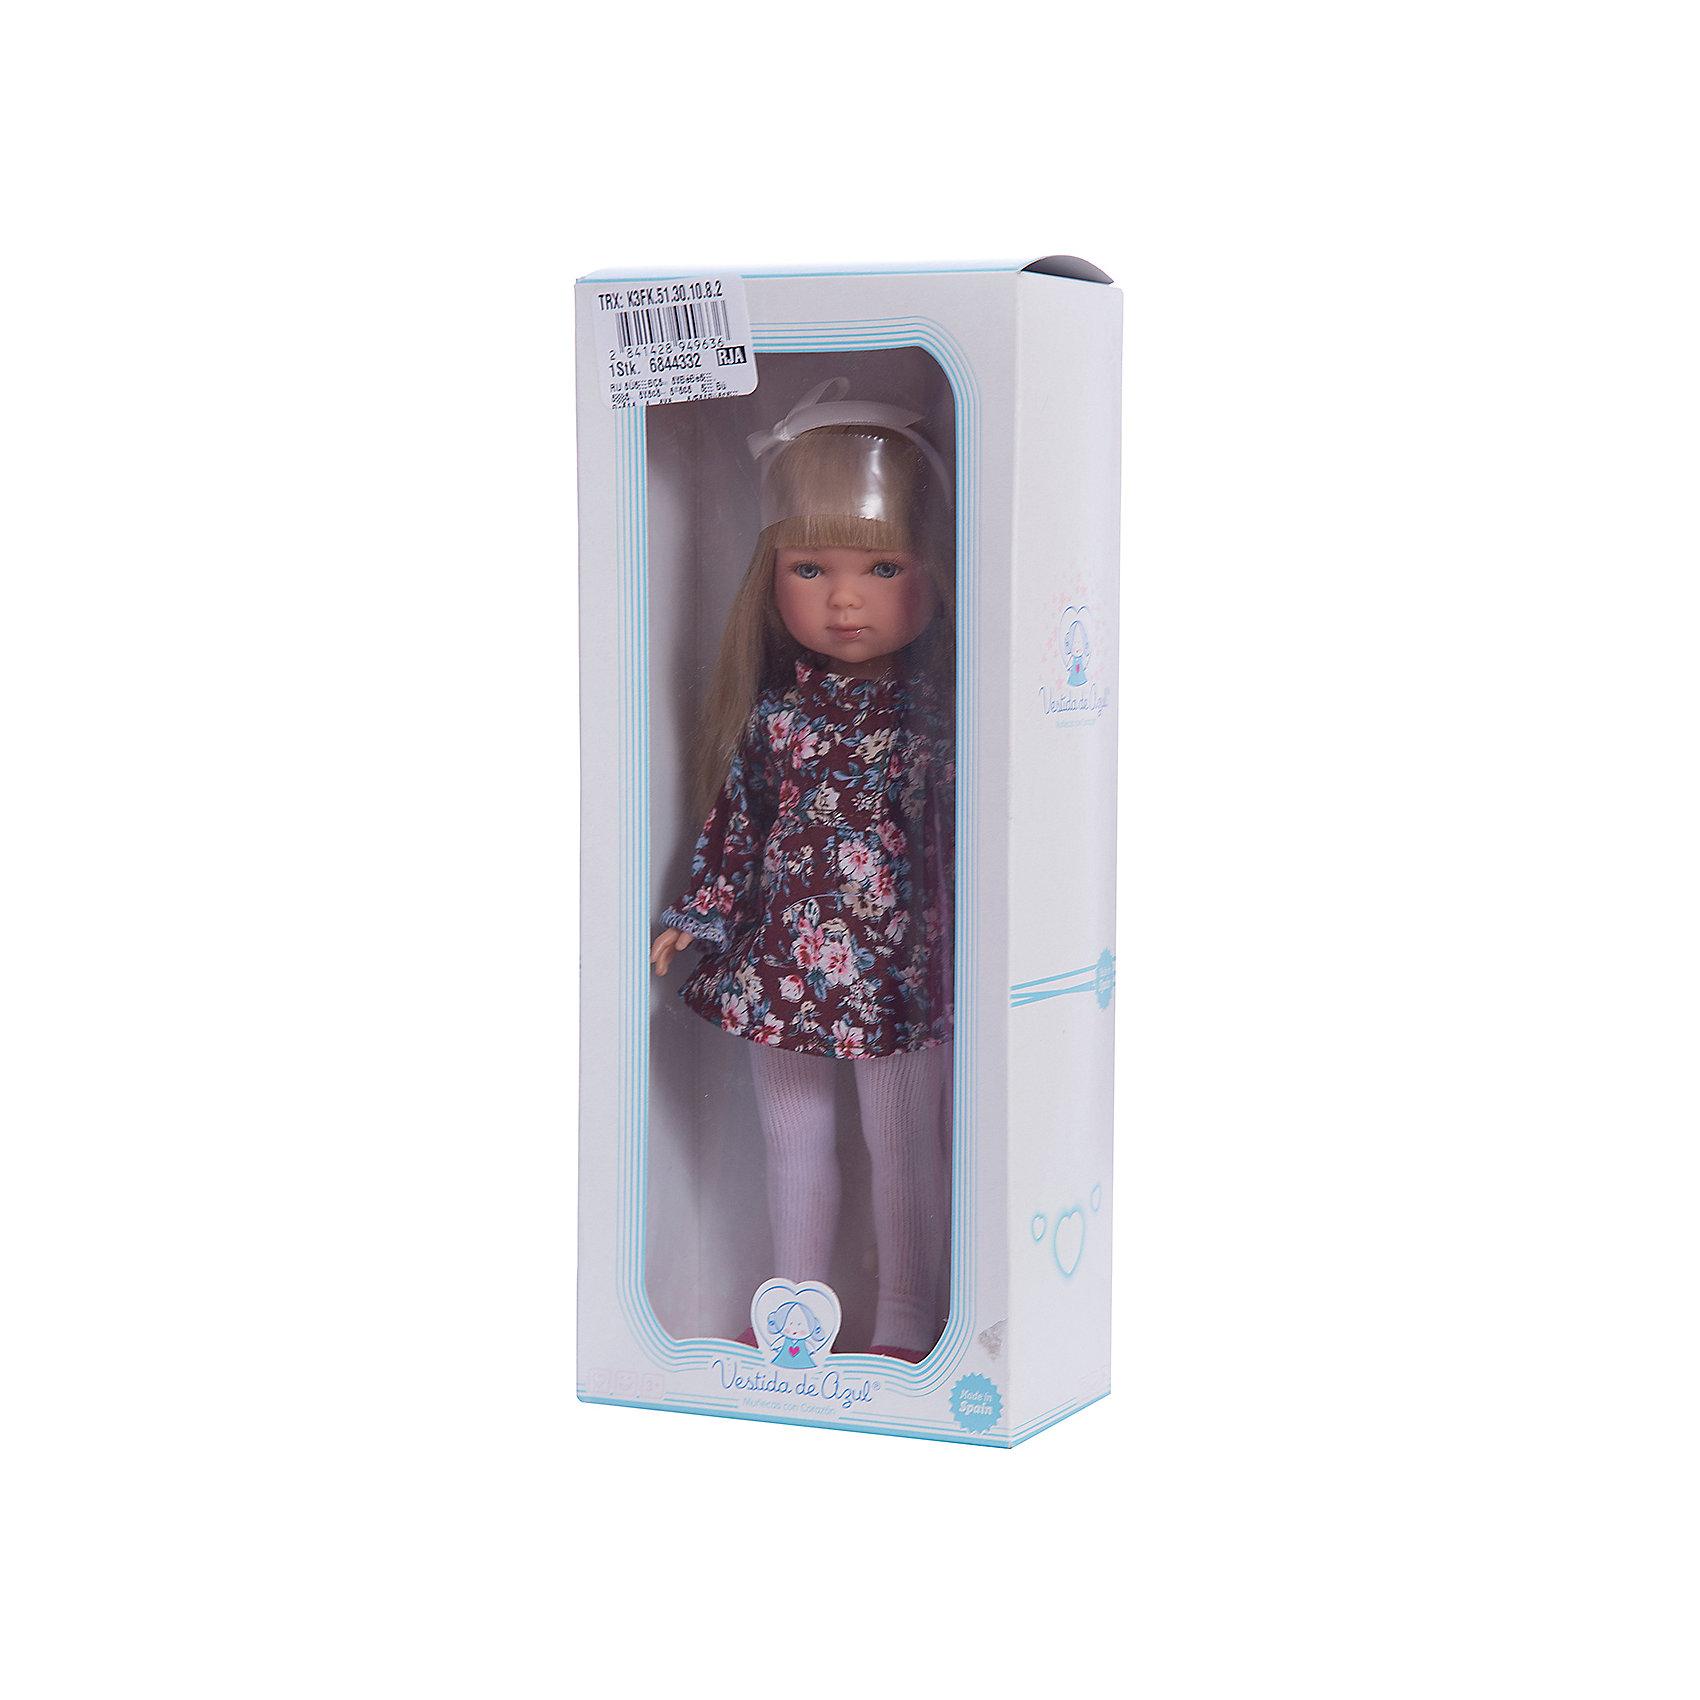 Кукла Карлотта, блондинка с челкой, Весна Бохо Шик, Vestida de AzulКлассические куклы<br>Характеристики товара:<br><br>• возраст: от 3 лет;<br>• материал: винил, текстиль;<br>• в комплекте: кукла, платье;<br>• высота куклы: 28 см;<br>• размер упаковки: 34х14х9 см;<br>• вес упаковки: 355 гр.;<br>• страна производитель: Испания.<br><br>Кукла Карлотта блондинка с челкой «Весна Бохо Шик» Vestida de Azul одета в цветное платье и туфельки, а на голове повязана ленточка. У Карлотты милое личико с большими живыми глазками, щечками с легким румянцем. Густые светлые волосы с челкой очень похожи на натуральные. Девочка сможет расчесывать их, укладывать, заплетать, придумывая кукле разнообразные прически.<br><br>Куклу Карлотту блондинка с челкой «Весна Бохо Шик» Vestida de Azul можно приобрести в нашем интернет-магазине.<br><br>Ширина мм: 195<br>Глубина мм: 95<br>Высота мм: 350<br>Вес г: 380<br>Возраст от месяцев: 36<br>Возраст до месяцев: 2147483647<br>Пол: Женский<br>Возраст: Детский<br>SKU: 6844332